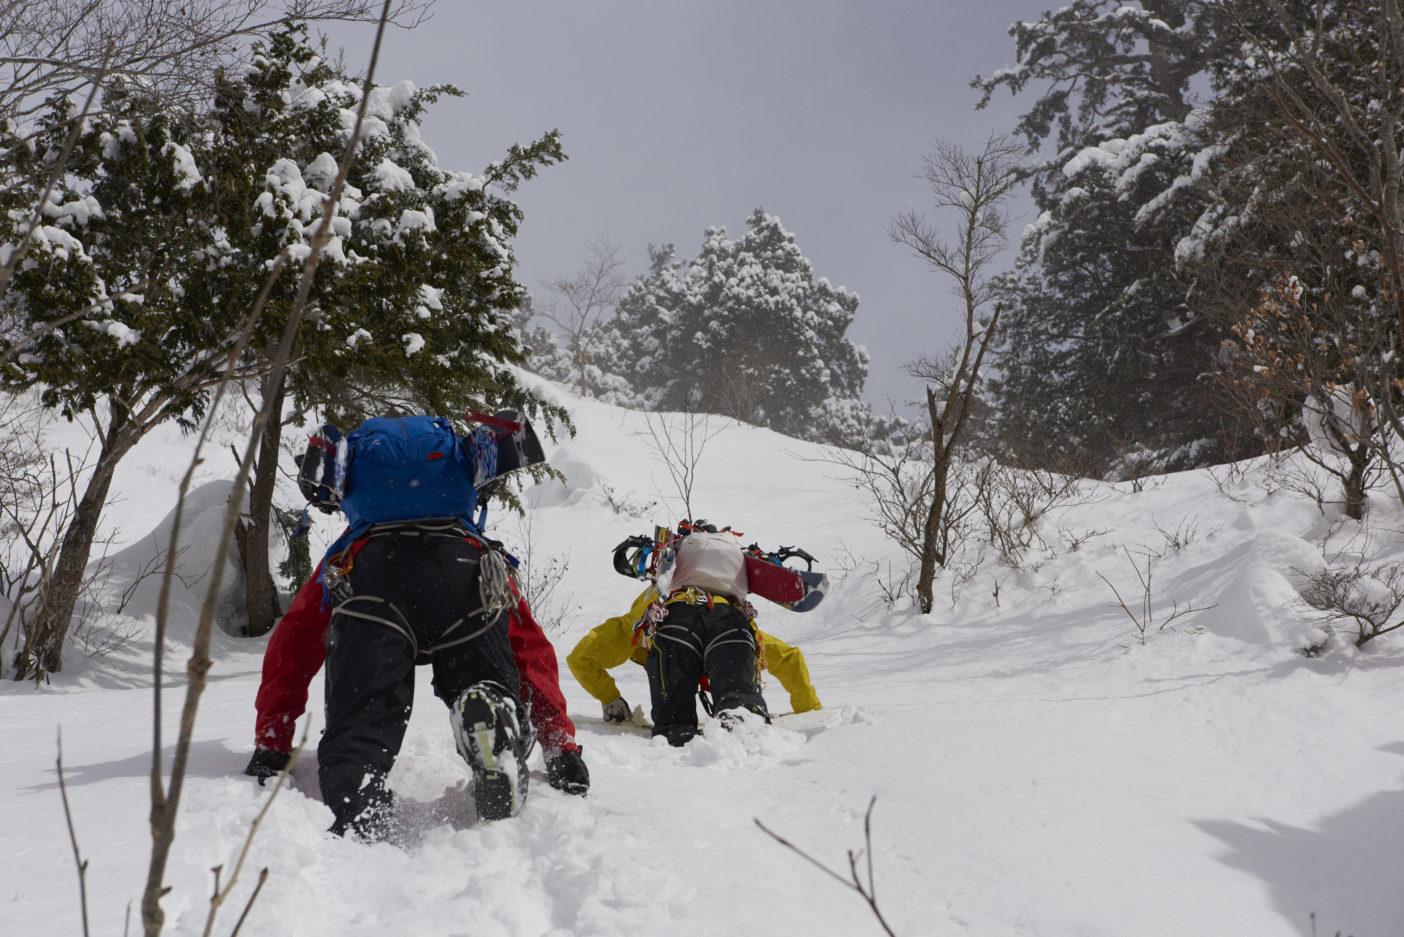 写真:松尾憲二郎/アフロスポーツ